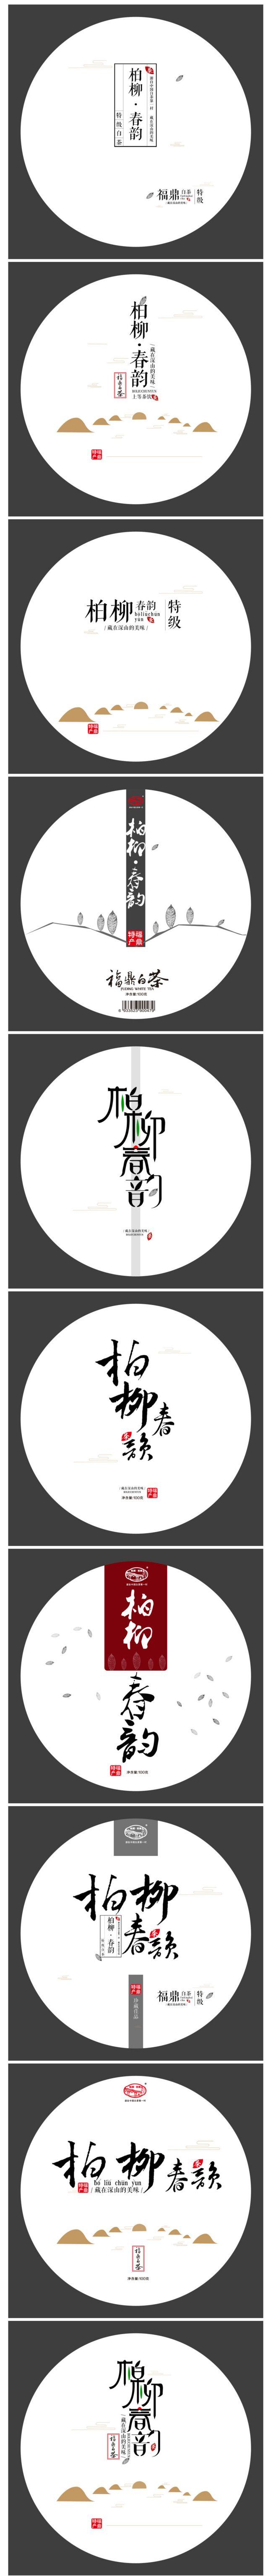 茶饼包装字体设计 by 德力 - UE设...@鱼少-13采集到字体logo类(328图)_花瓣平面设计